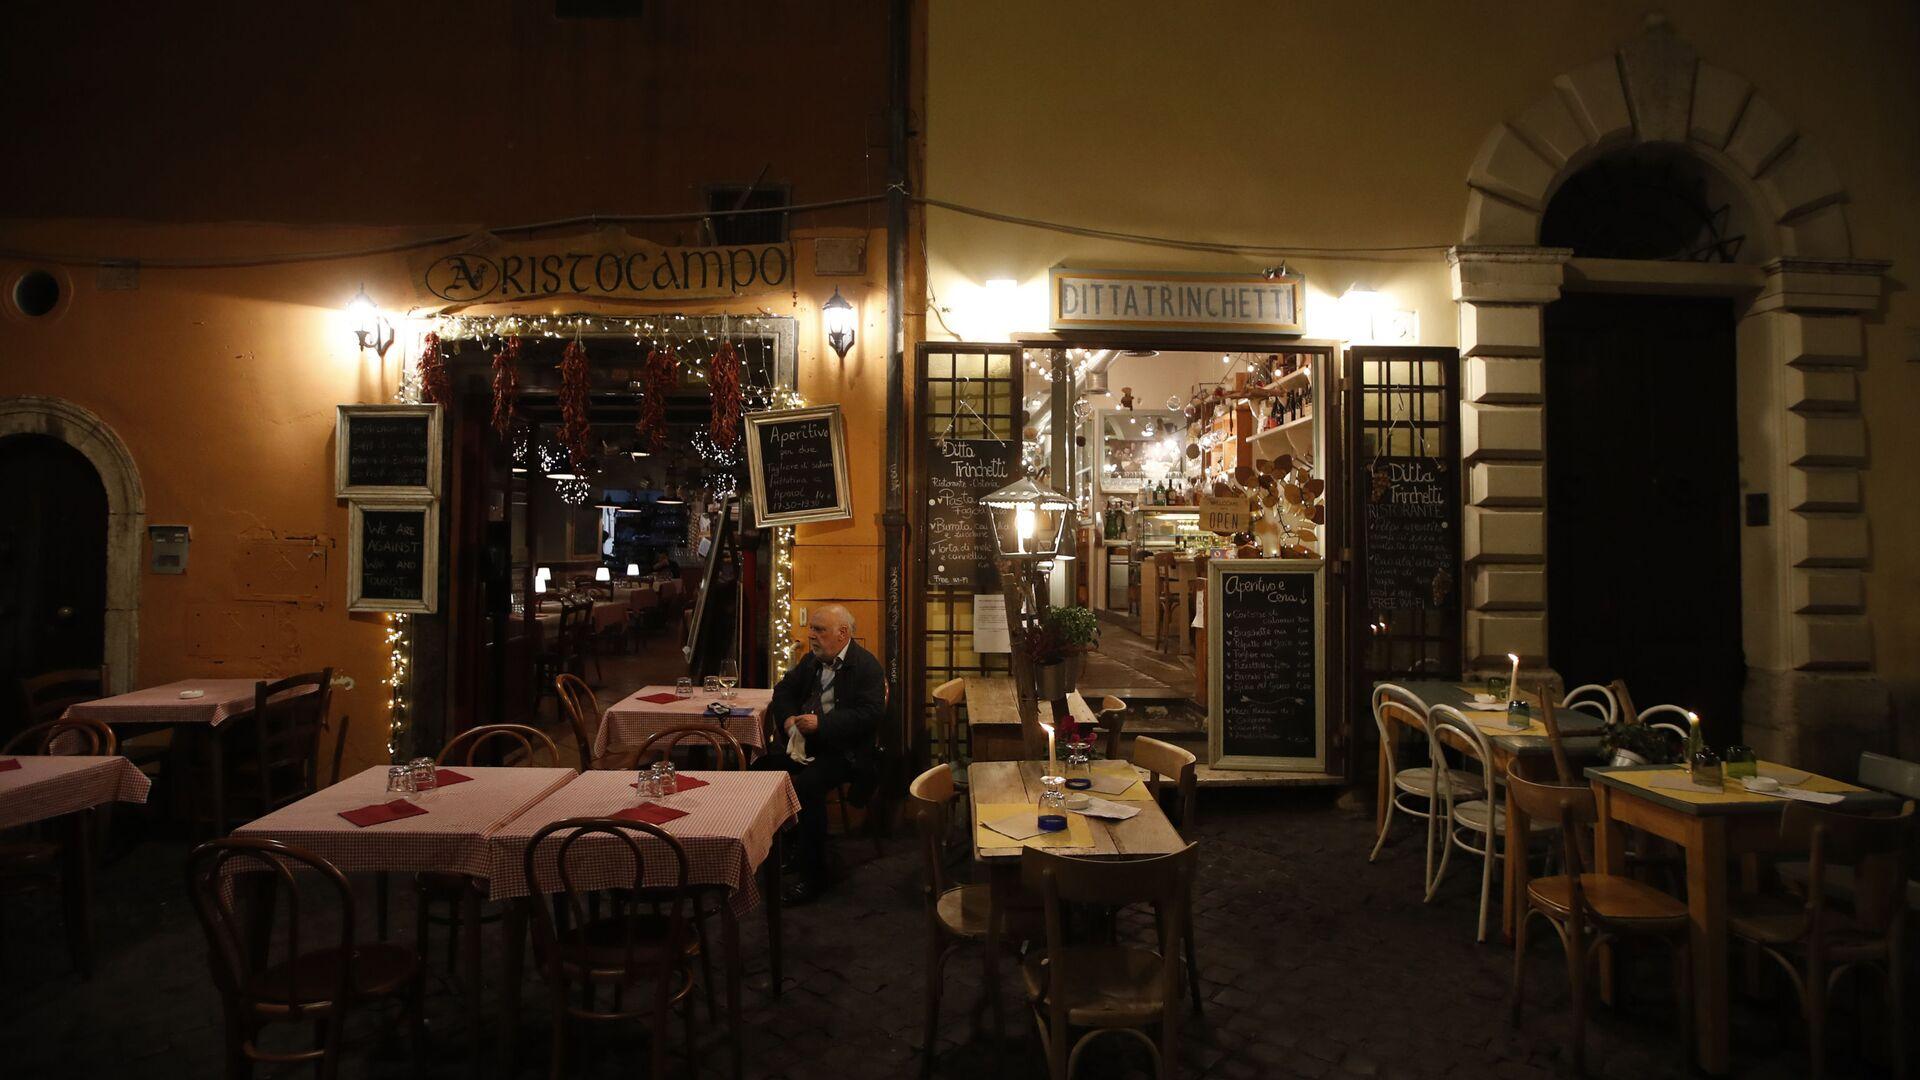 Tavoli all'aperto in un ristorante di Trastevere - Sputnik Italia, 1920, 19.05.2021